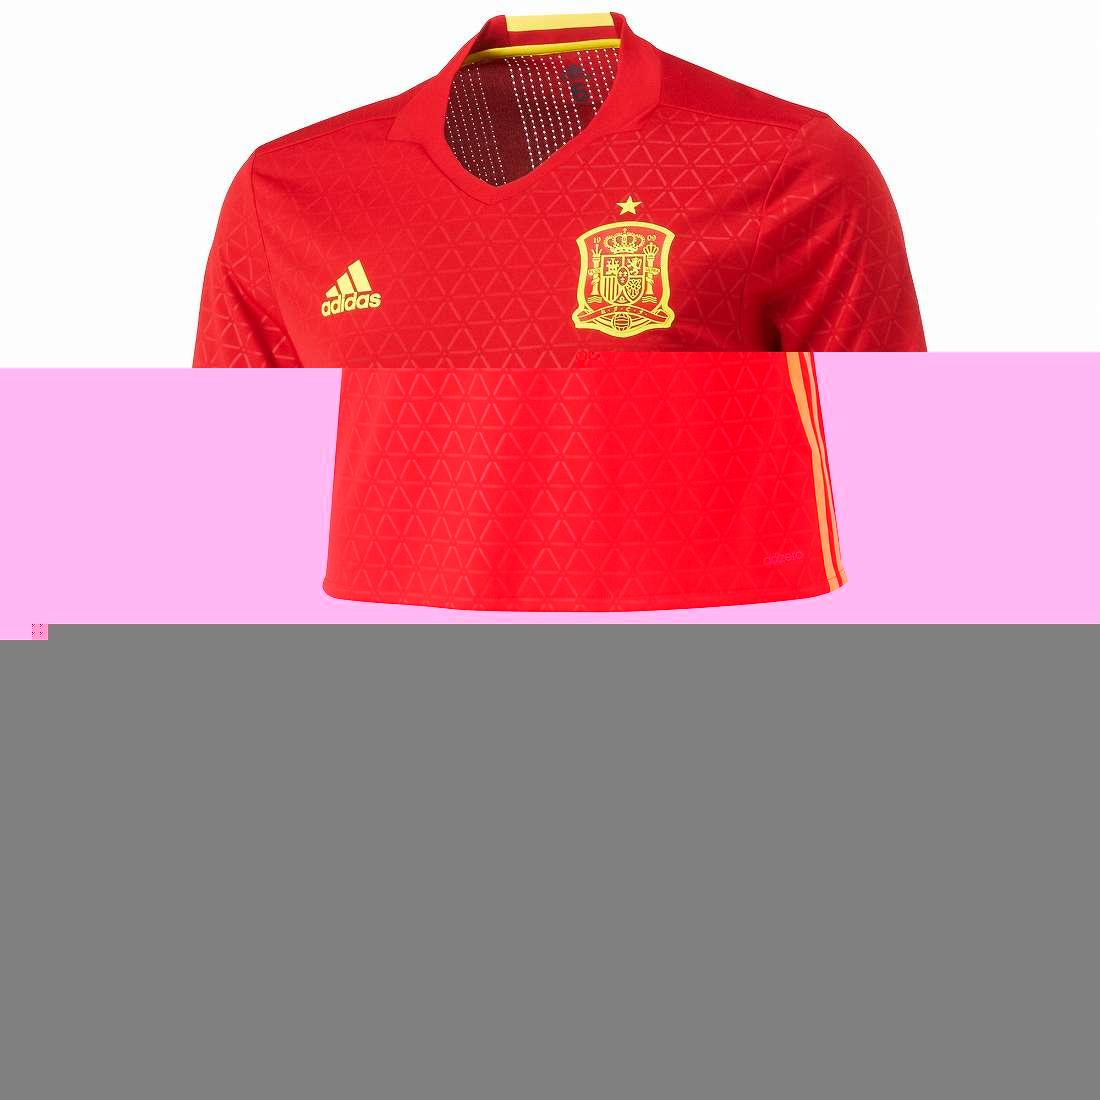 アディダス 2016 AA0854 AAO57 スペイン ホーム オーセンティック 半袖 ゲーム シャツ